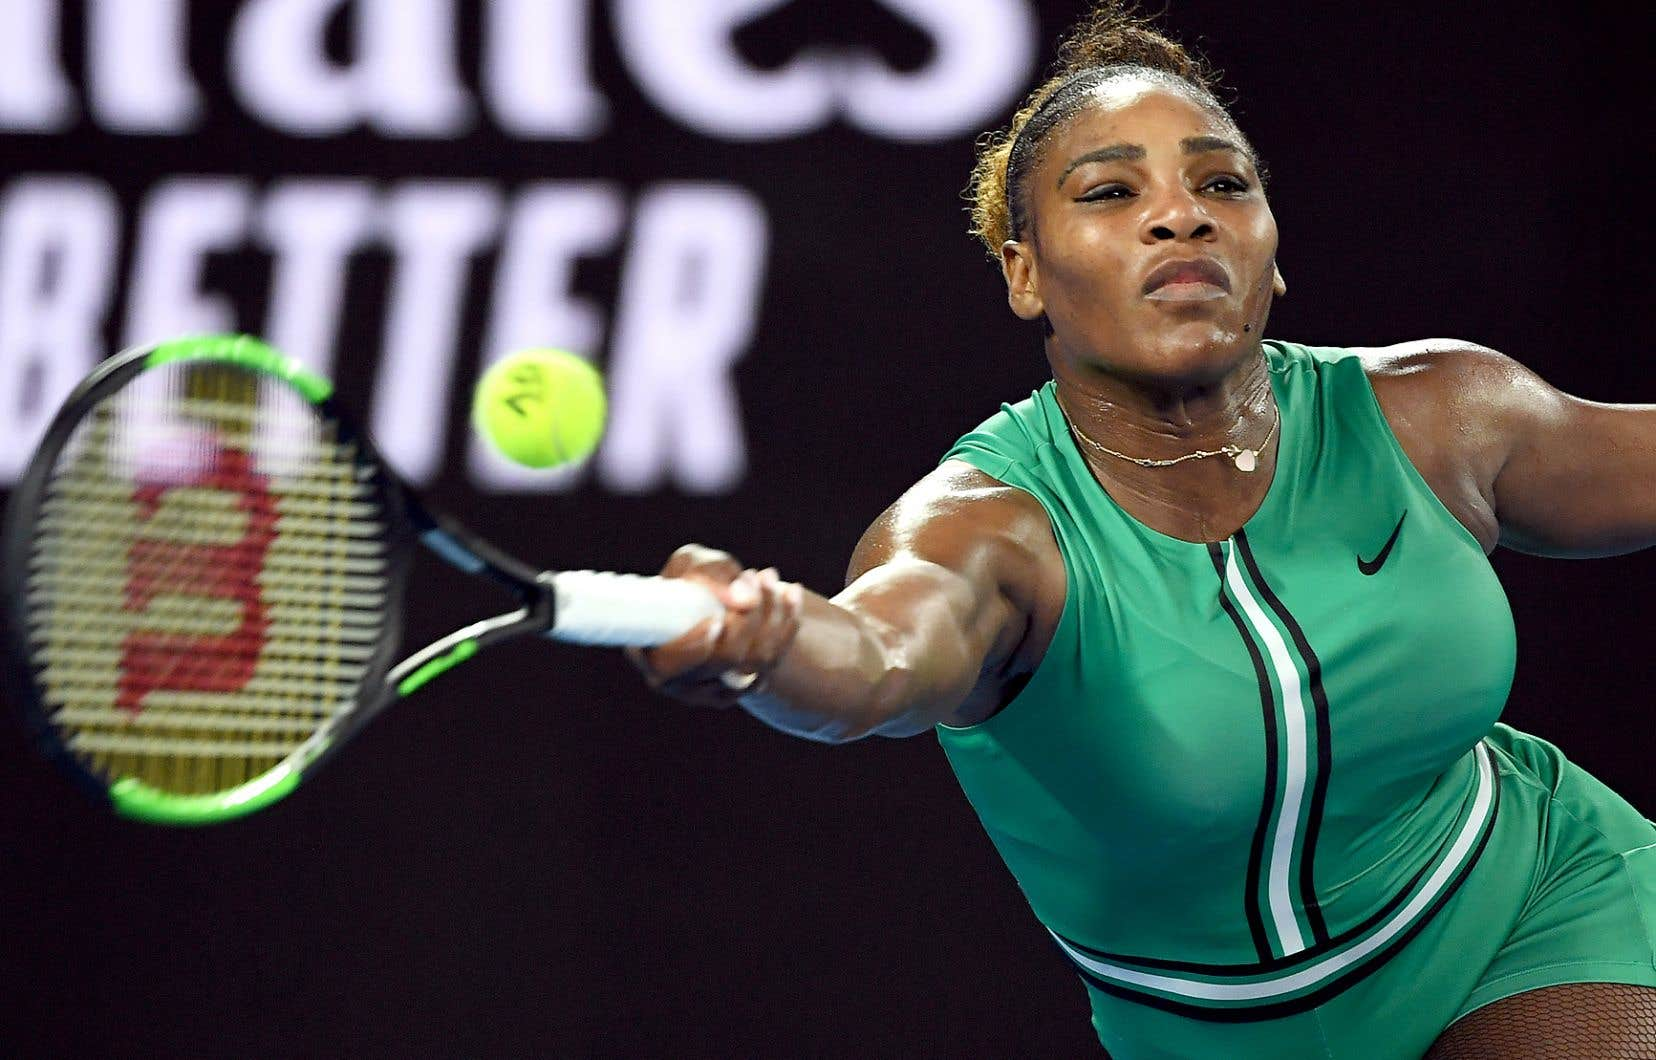 L'Américaine Serena Williams est en quête d'une 24ecouronne historique en Grand Chelem.